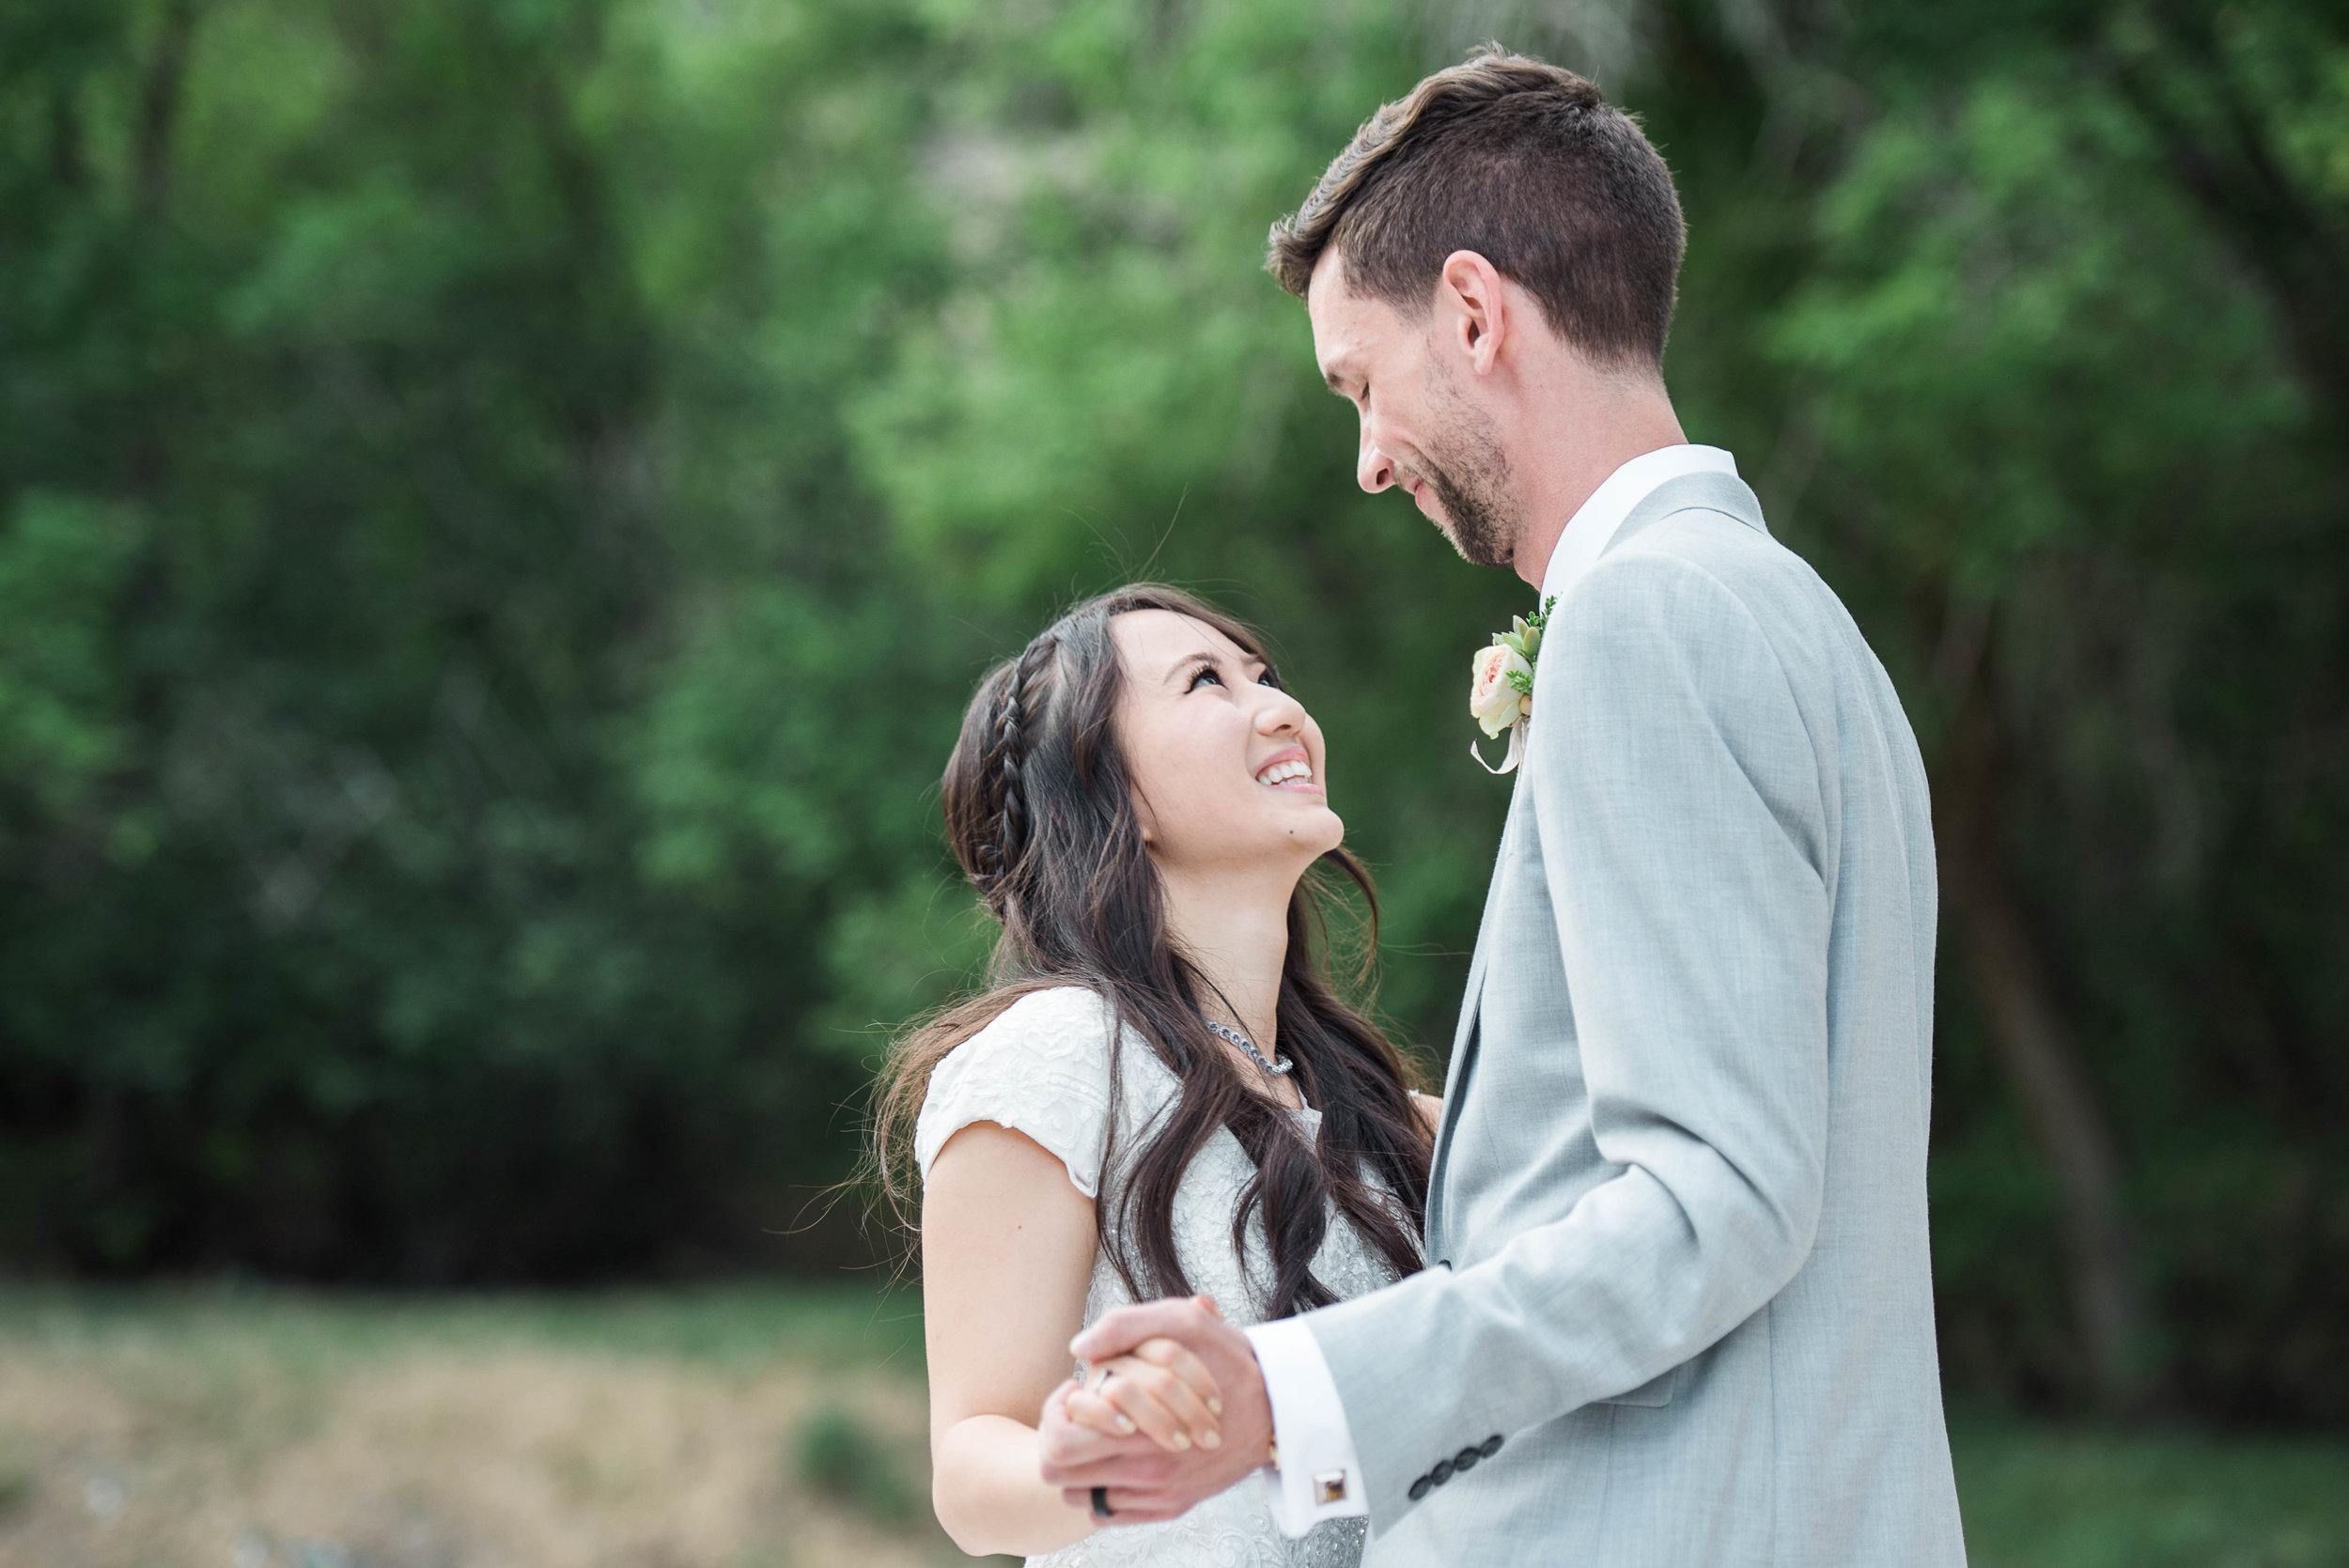 JAYMIE+JORDAN-WEDDING-DAY-Sadie_Banks_Photography-19.jpg